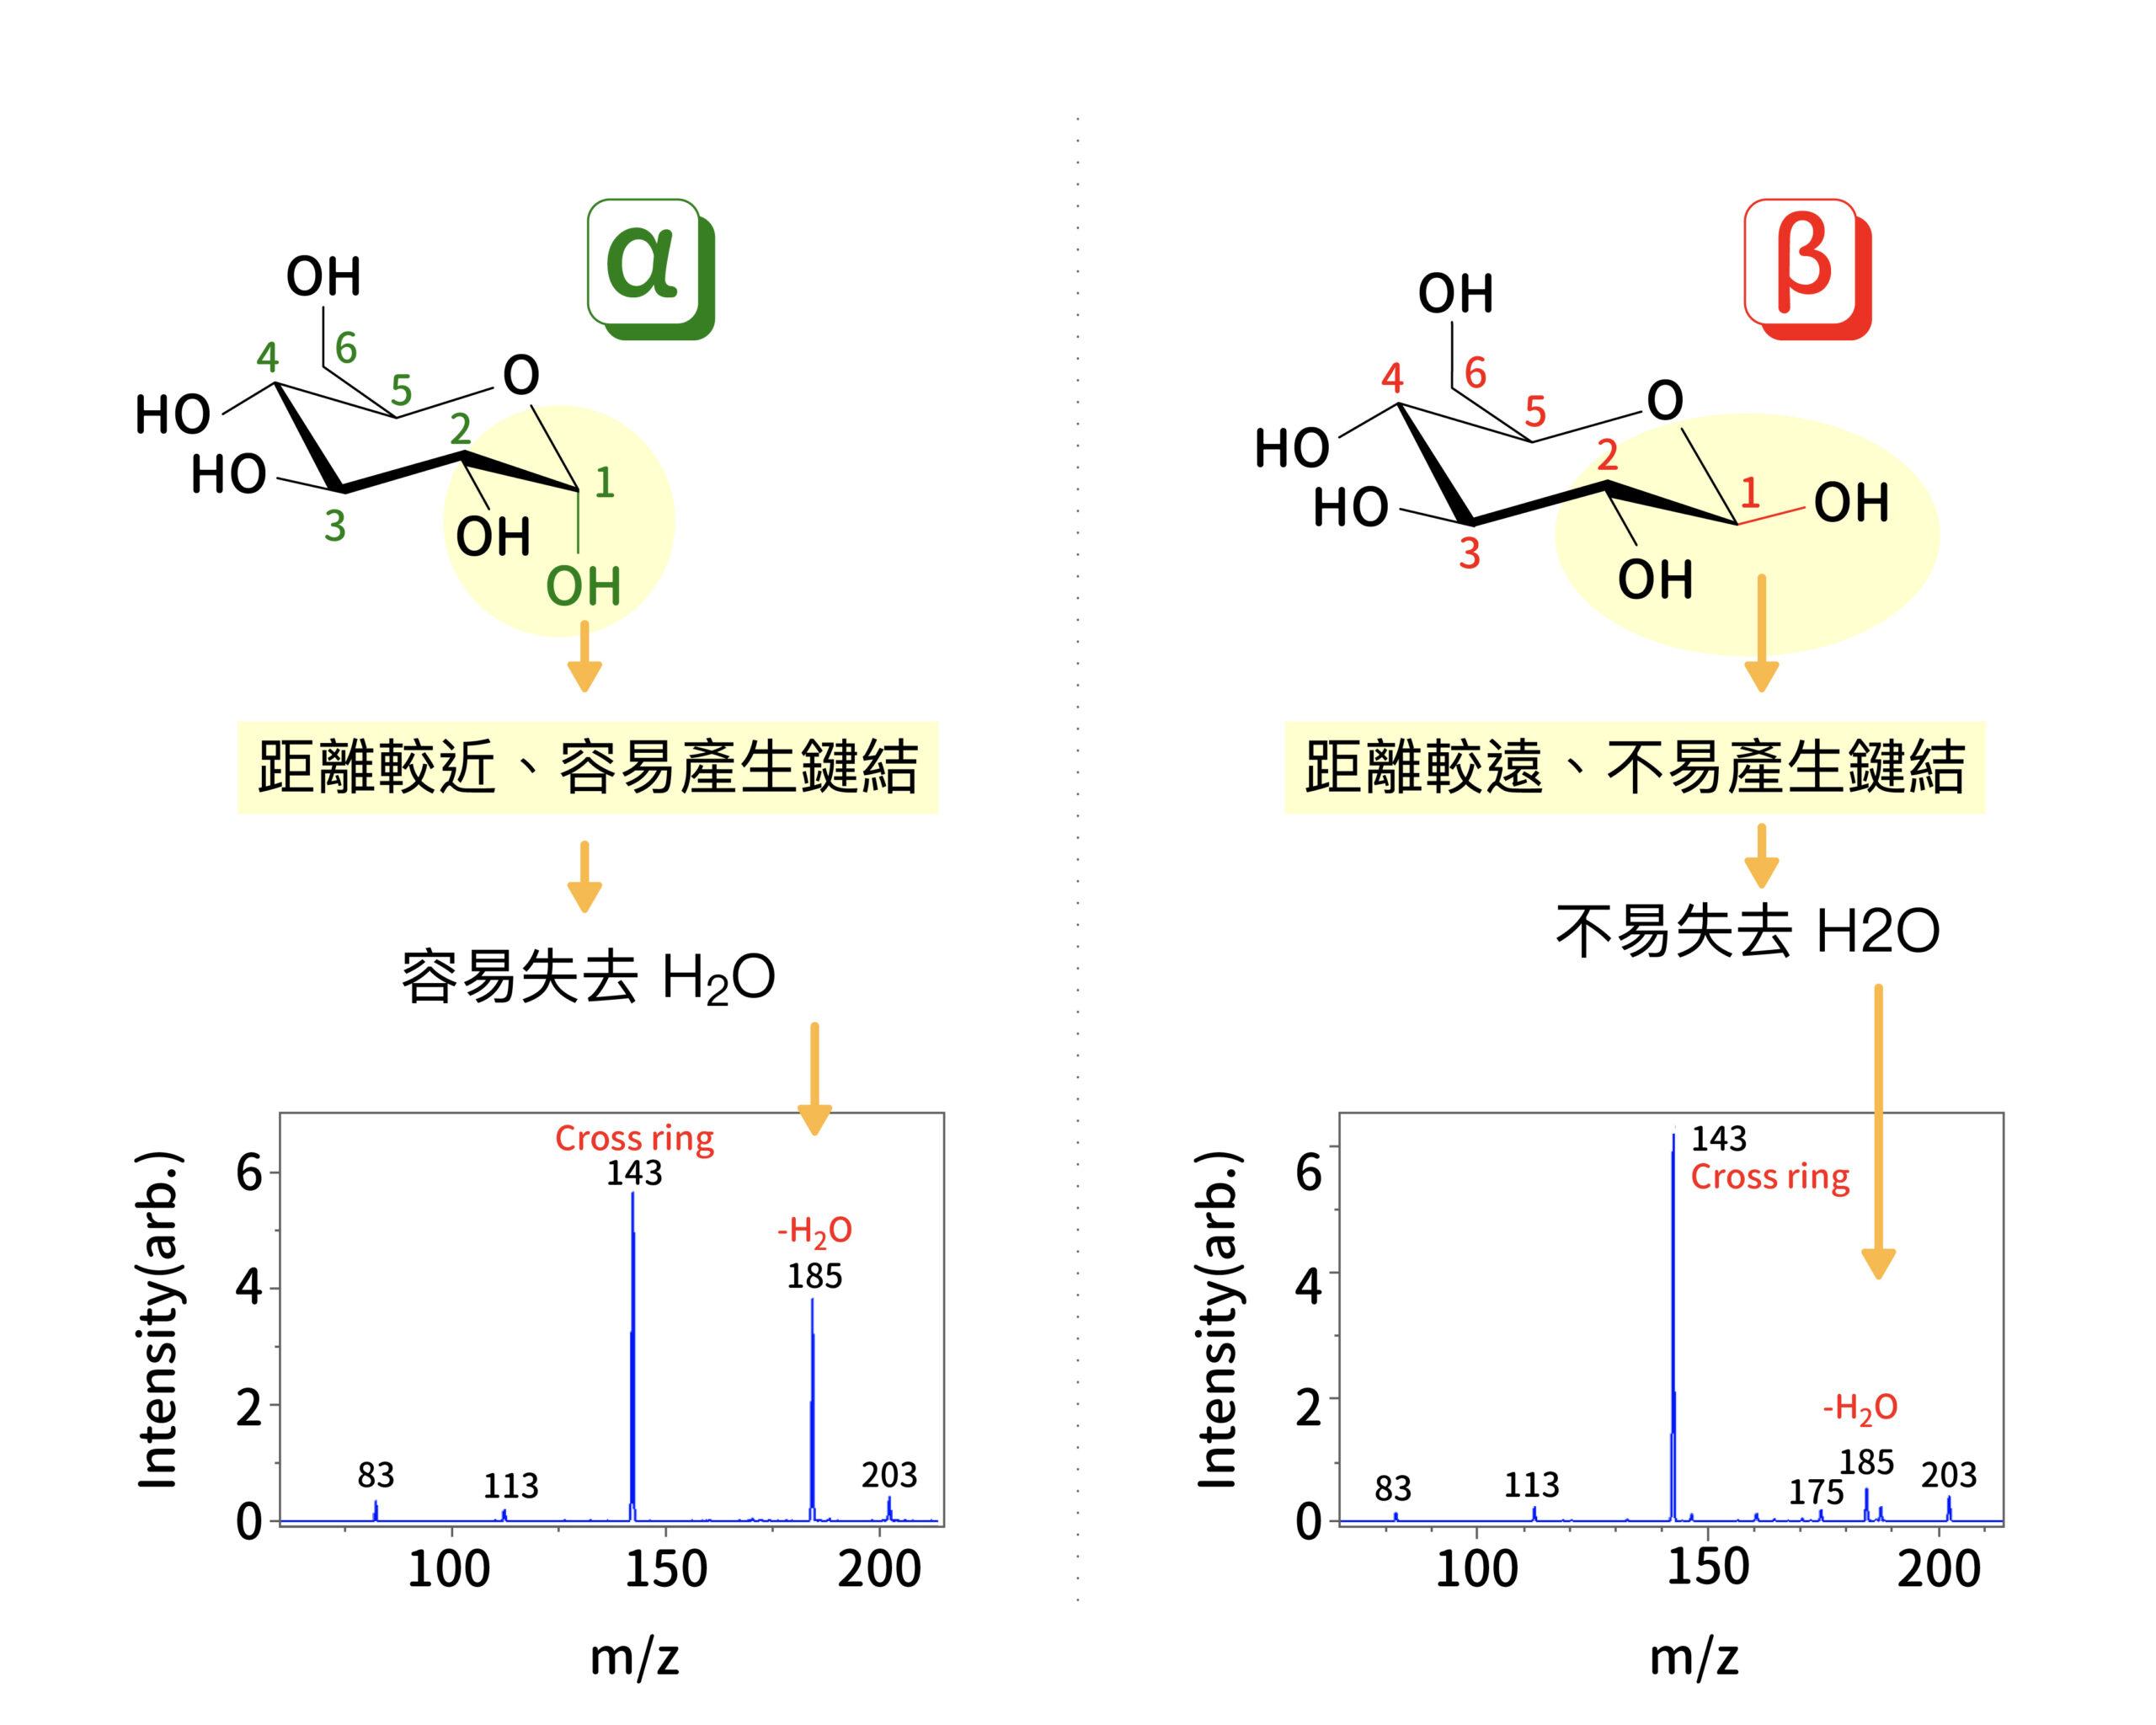 𝛂-葡萄糖與 𝛃-葡萄糖在 1 號 OH 官能基的連接角度不同,導致官能基上氫原子躍遷到 2 號官能基的能量障蔽不同,而使兩種葡萄糖分子在質譜儀中,斷裂出水分子的比例不一樣。在質譜圖中,可看出 𝛂-葡萄糖在減少一個水分子的質荷比 185 處訊號強度,明顯高於 𝛃-葡萄糖。圖│研之有物、廖英凱(資料來源│Ni et al. Phys. Chem. Chem. Phys., 2017, 19, 15454)